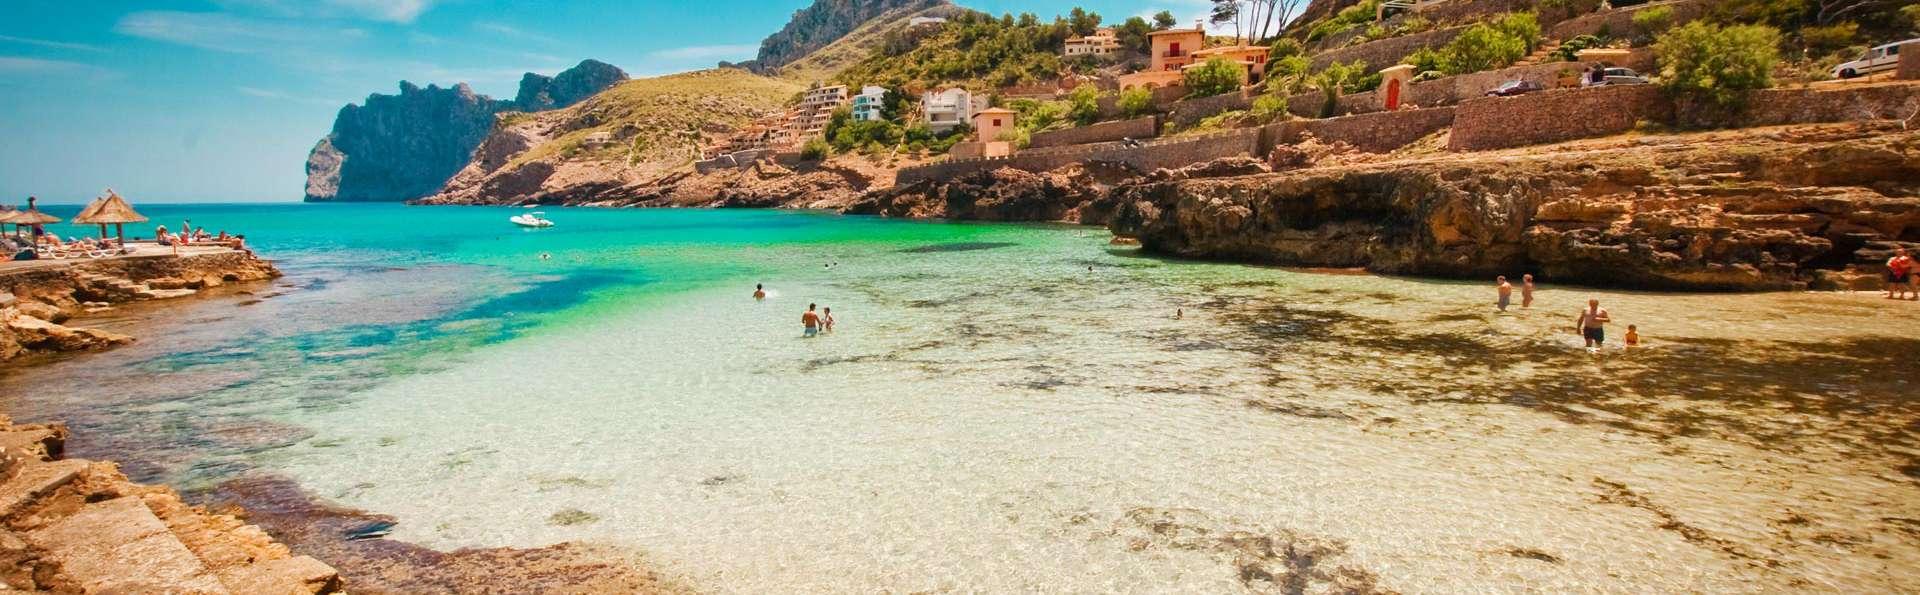 Pierre & Vacances Mallorca Portofino - EDIT_DESTINATION_02.jpg